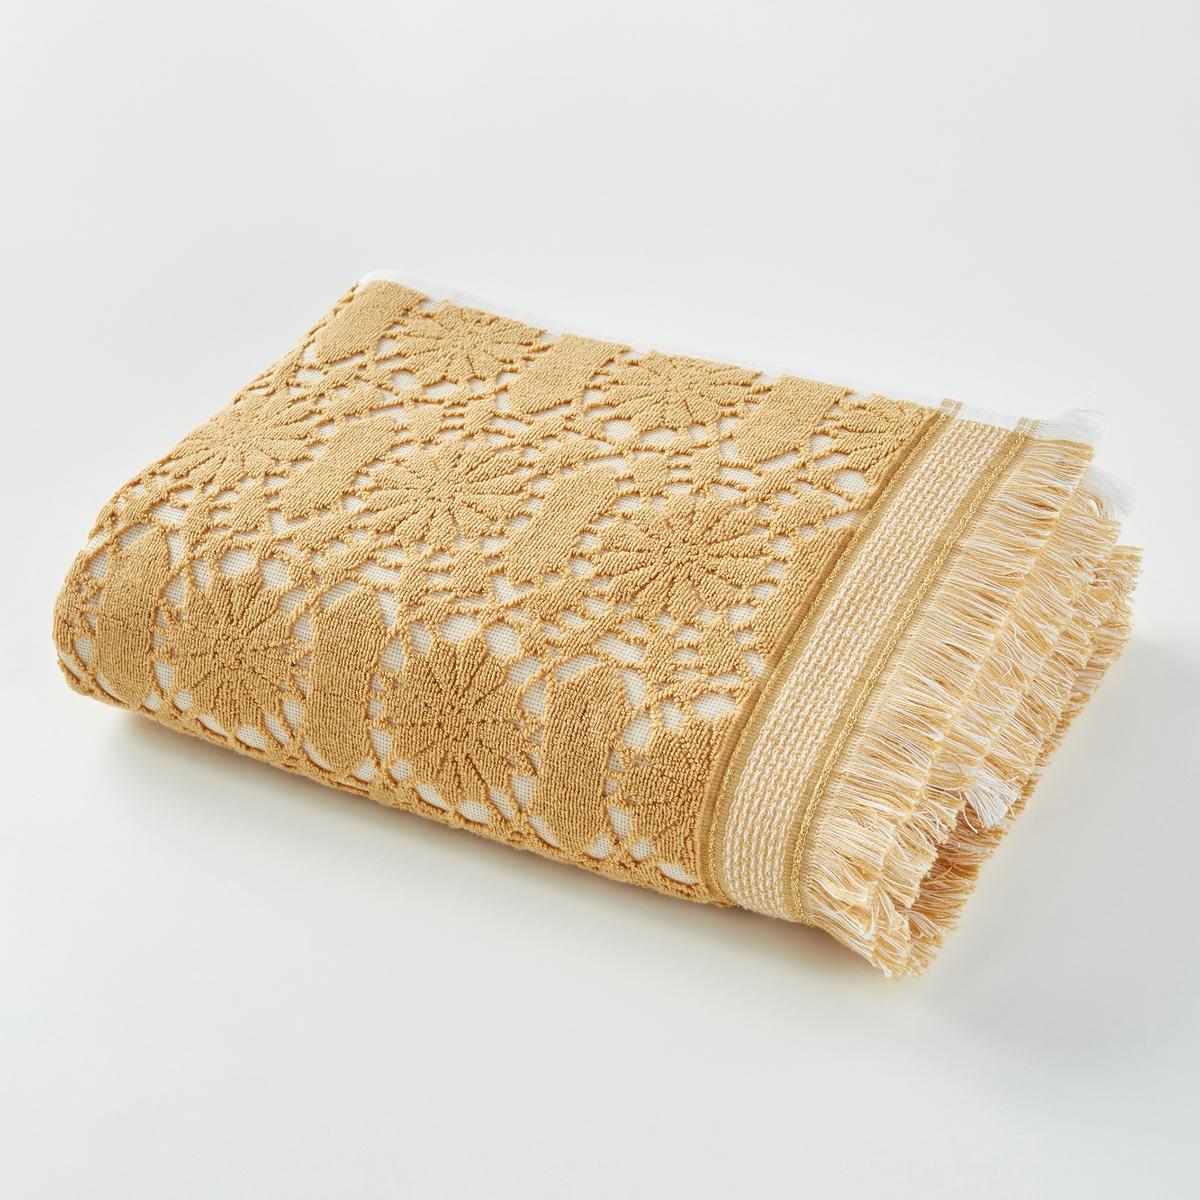 Полотенце банное Purdy, 500 г/м?Полотенце из жаккардовой ткани, 100% хлопка плотностью 500 г/м? с зубчатым рисункомХарактеристики банного полотенца Purdyмягкий и пористый ультравпитывающий материал стирать при 40°.Жаккардовая ткань с зубчатым рисунком.Размер банного полотенца Purdy50 x 100 см.<br><br>Цвет: сине-зеленый,шафран<br>Размер: 50 x 100  см